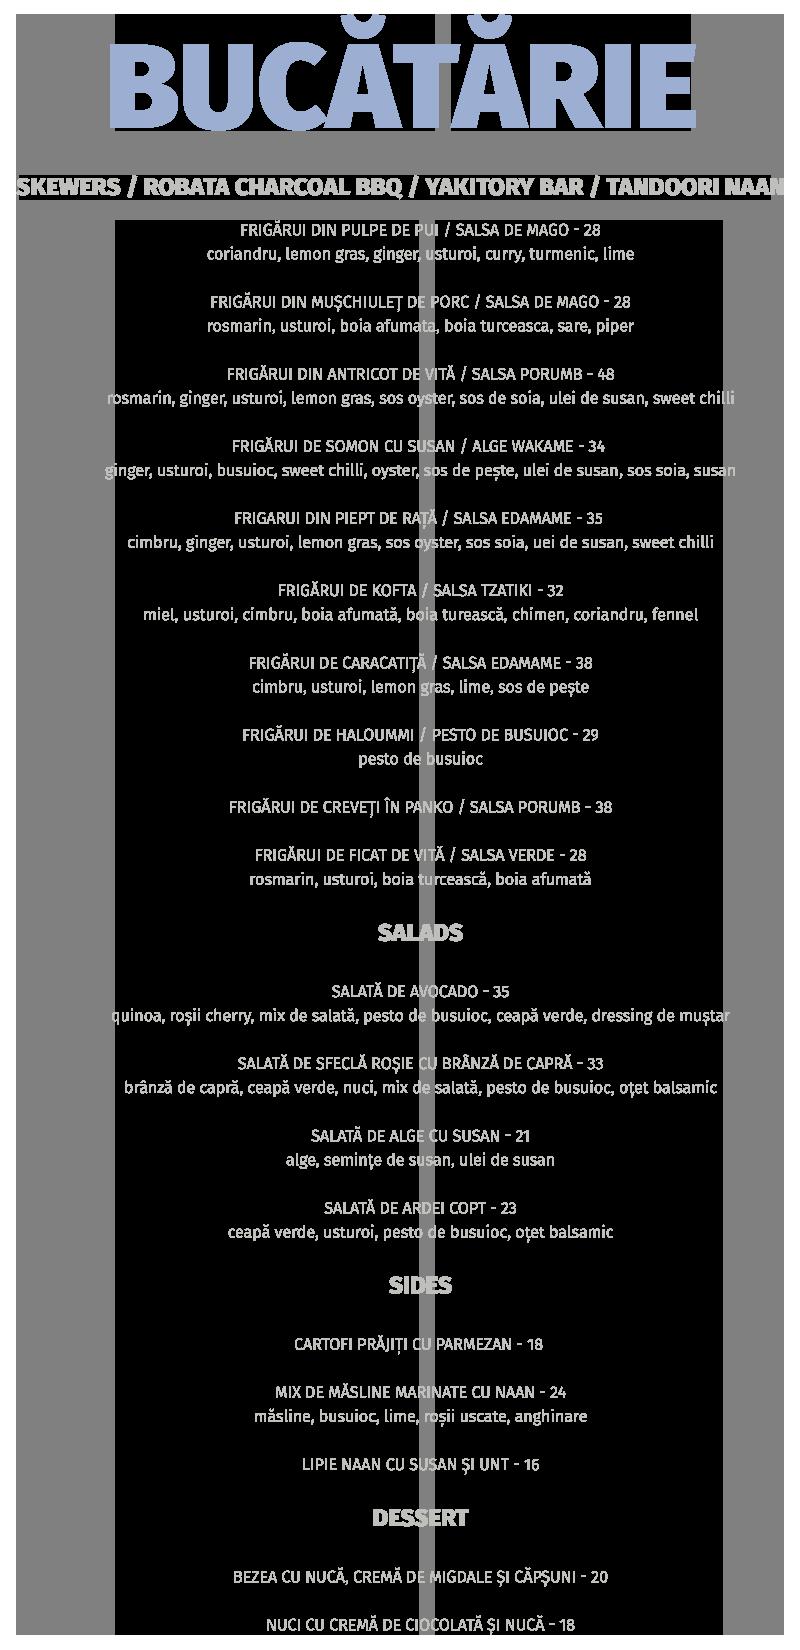 frigărui din pulpe de pui / salsa de mago - 28 coriandru, lemon gras, ginger, usturoi, curry, turmenic, lime frigărui din mușchiuleț de porc / salsa de mago - 28 rosmarin, usturoi, boia afumata, boia turceasca, sare, piper frigărui din antricot de vită / salsa porumb - 48 rosmarin, ginger, usturoi, lemon gras, sos oyster, sos de soia, ulei de susan, sweet chilli frigărui de somon cu susan / alge wakame - 34 ginger, usturoi, busuioc, sweet chilli, oyster, sos de pește, ulei de susan, sos soia, susan frigarui din piept de rață / salsa edamame - 35 cimbru, ginger, usturoi, lemon gras, sos oyster, sos soia, uei de susan, sweet chilli frigărui de kofta / salsa tzatiki - 32 miel, usturoi, cimbru, boia afumată, boia turească, chimen, coriandru, fennel frigărui de caracatiță / salsa edamame - 38 cimbru, usturoi, lemon gras, lime, sos de pește frigărui de haloummi / pesto de busuioc - 29 pesto de busuioc frigărui de creveți În panko / salsa porumb - 38 frigărui de ficat de vită / salsa verde - 28 rosmarin, usturoi, boia turcească, boia afumată salads salată de avocado - 35 quinoa, roșii cherry, mix de salată, pesto de busuioc, ceapă verde, dressing de muștar salată de sfeclă roșie cu brânză de capră - 33 brânză de capră, ceapă verde, nuci, mix de salată, pesto de busuioc, oțet balsamic salată de alge cu susan - 21 alge, semințe de susan, ulei de susan salată de ardei copt - 23 ceapă verde, usturoi, pesto de busuioc, oțet balsamic sides cartofi prăjiți cu parmezan - 18 mix de măsline marinate cu naan - 24 măsline, busuioc, lime, roșii uscate, anghinare lipie naan cu susan și unt - 16 dessert bezea cu nucă, cremă de migdale și căpșuni - 20 nuci cu cremă de ciocolată și nucă - 18